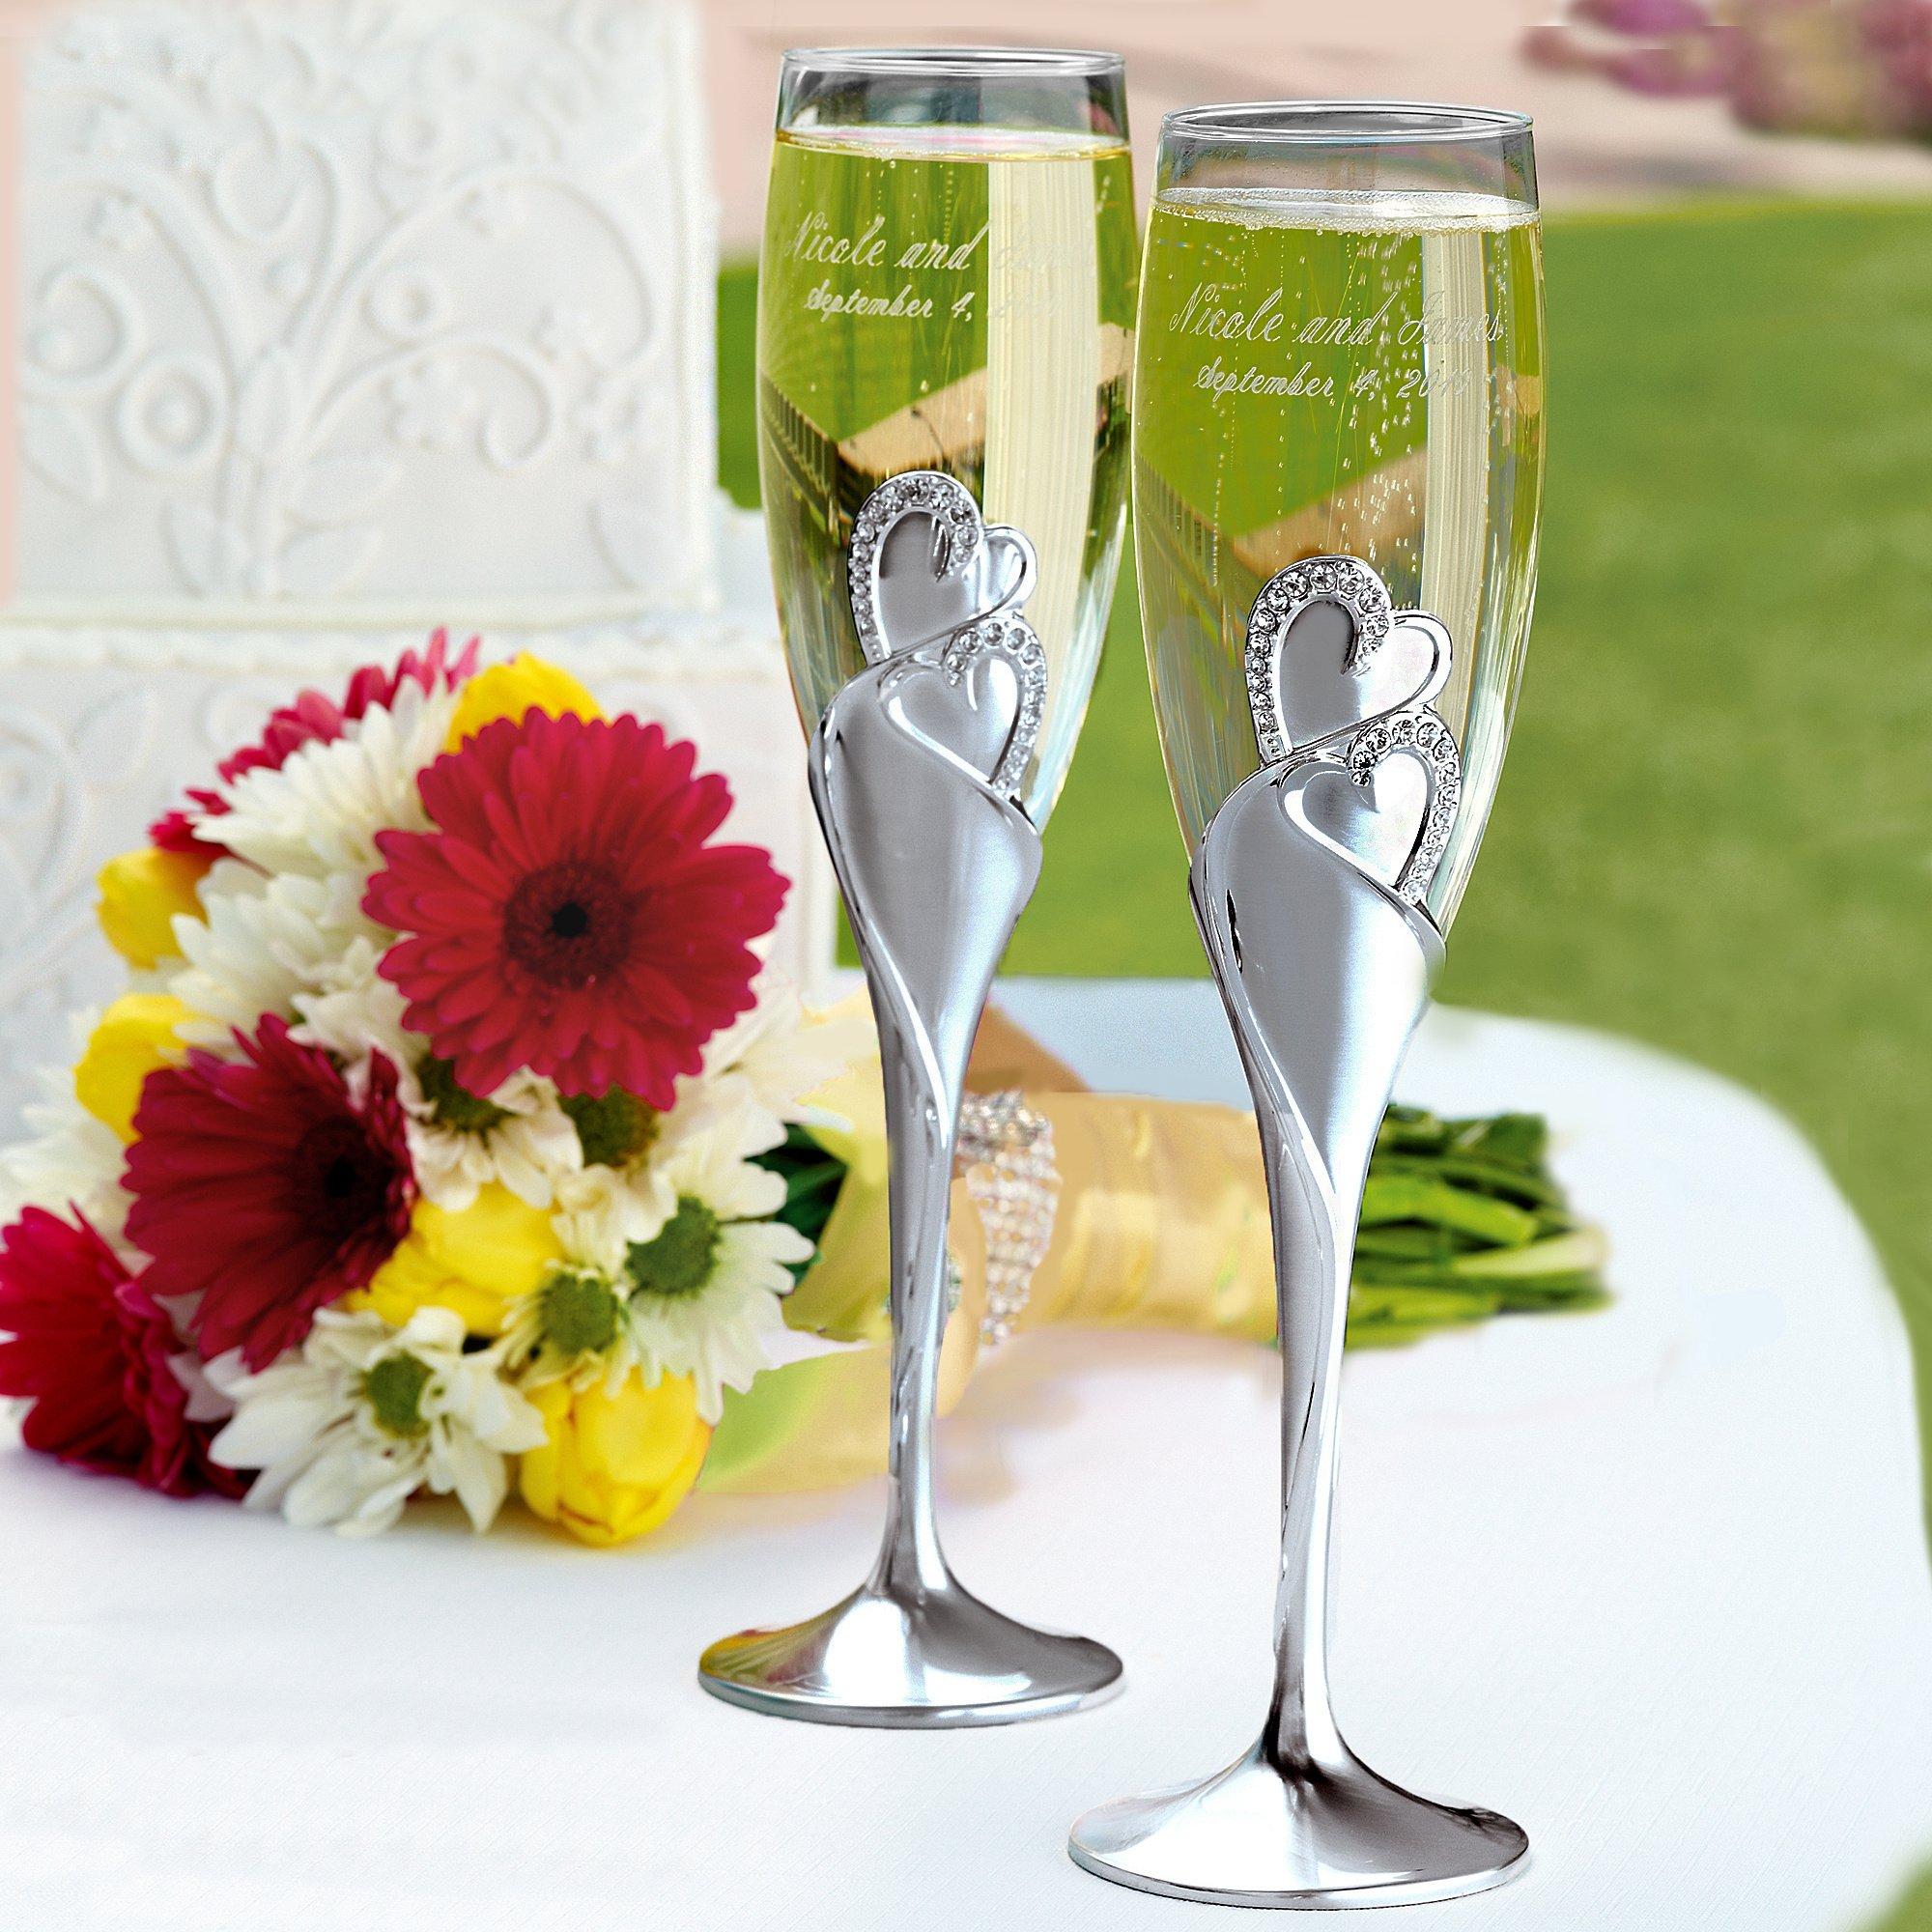 свадьба фото с бокалами том, что обычно